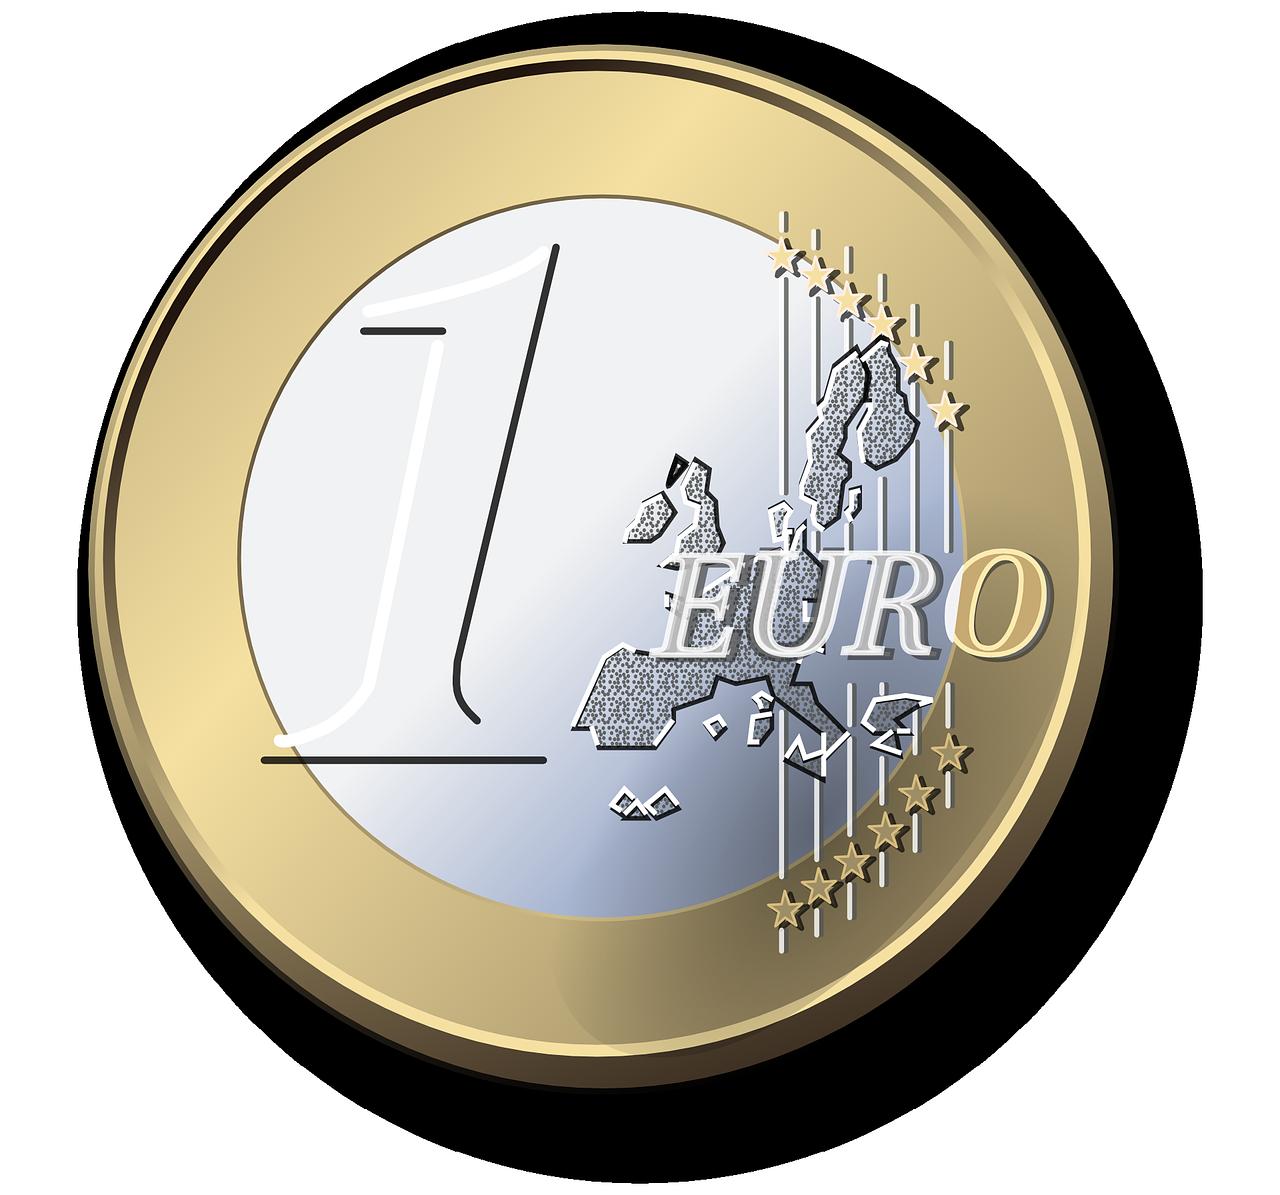 Der digitale Euro ist ein Trojanisches Pferd